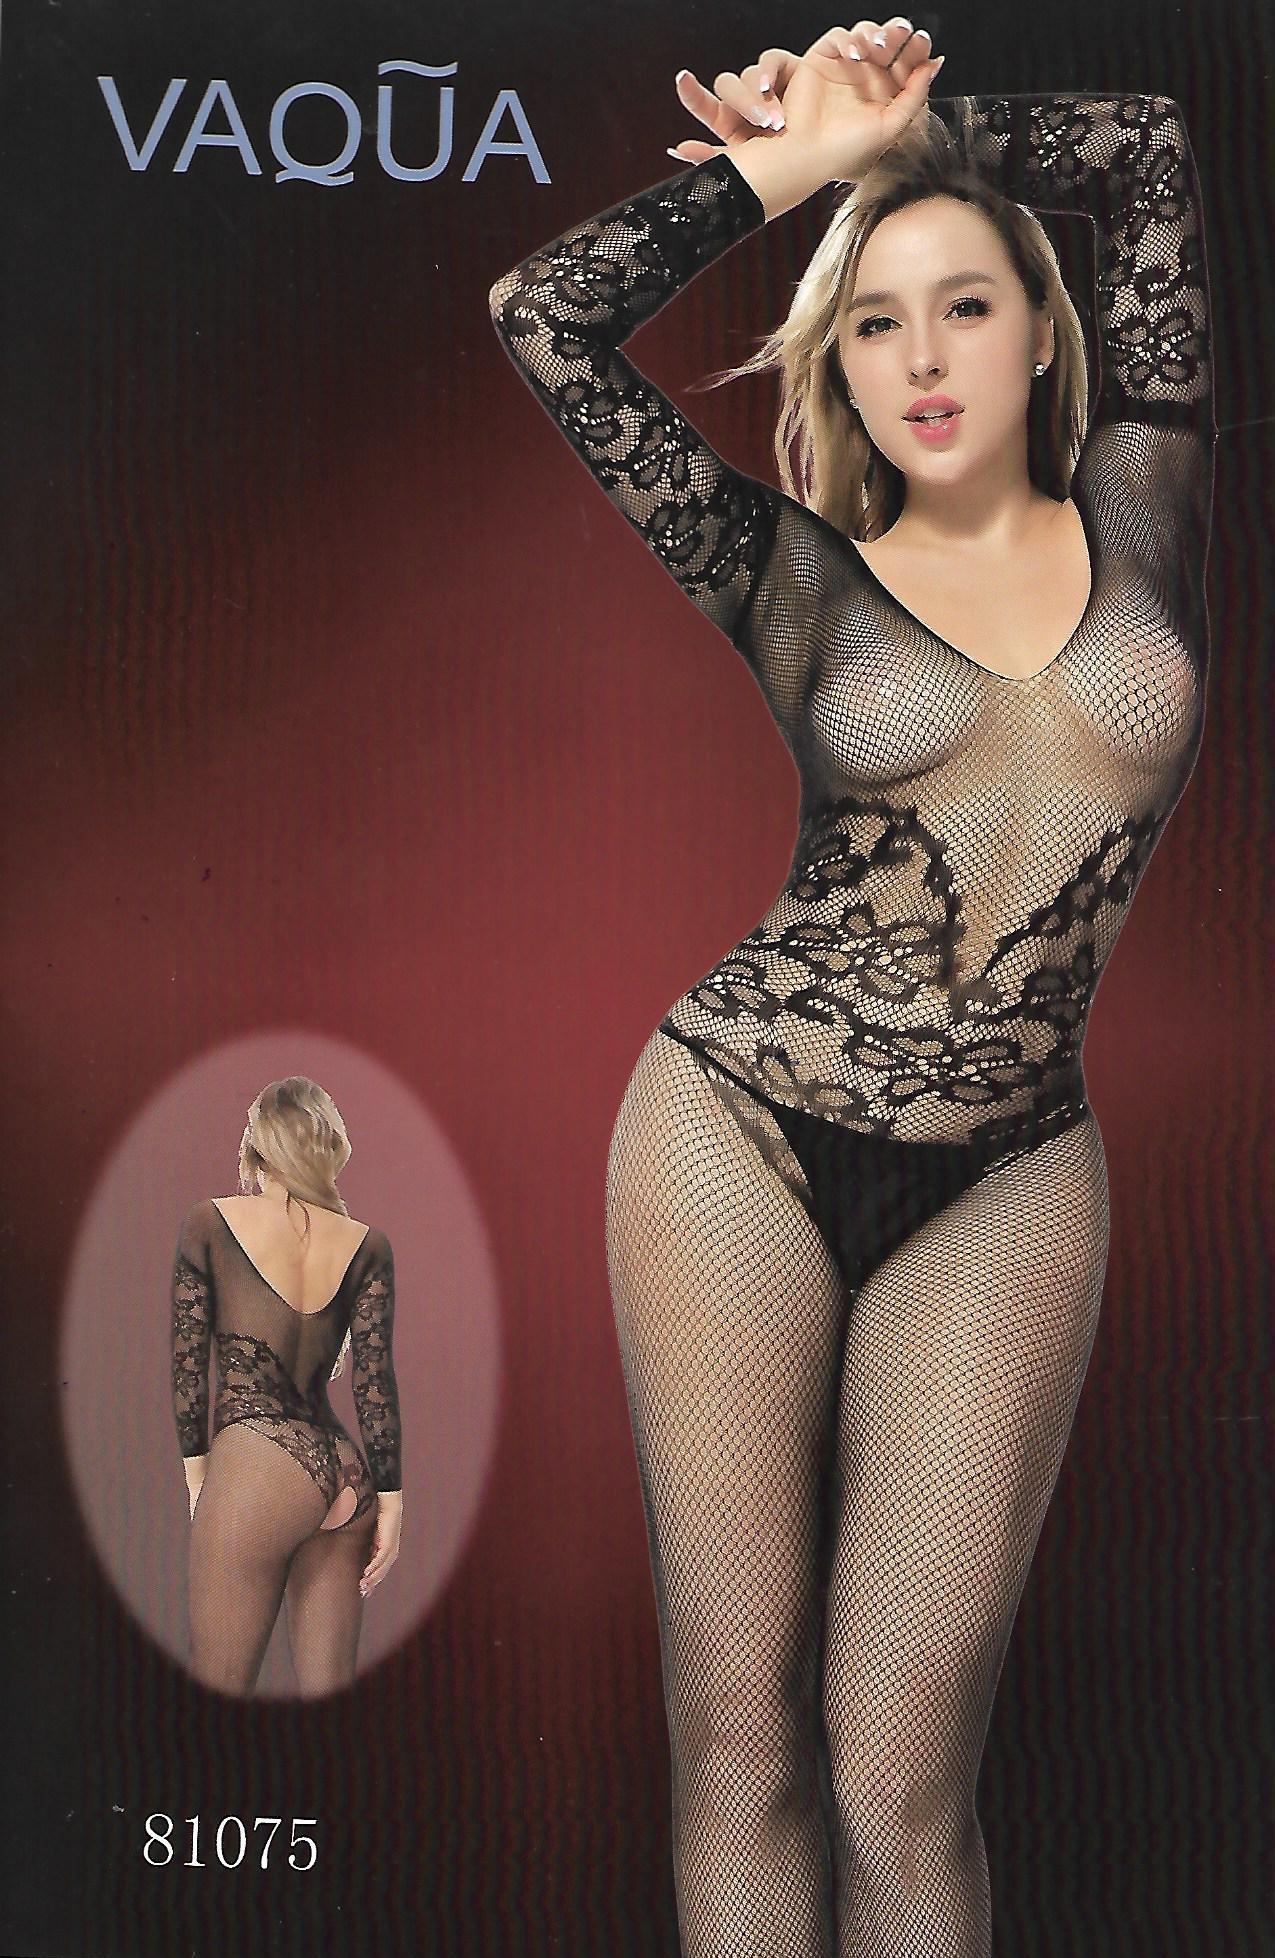 81075 VAQUA SEXY ΚΟΡΜΑΚΙ ΜΑΥΡΟ αρχική εσώρουχα γυναικεία εσώρουχα σέξυ συλλογή